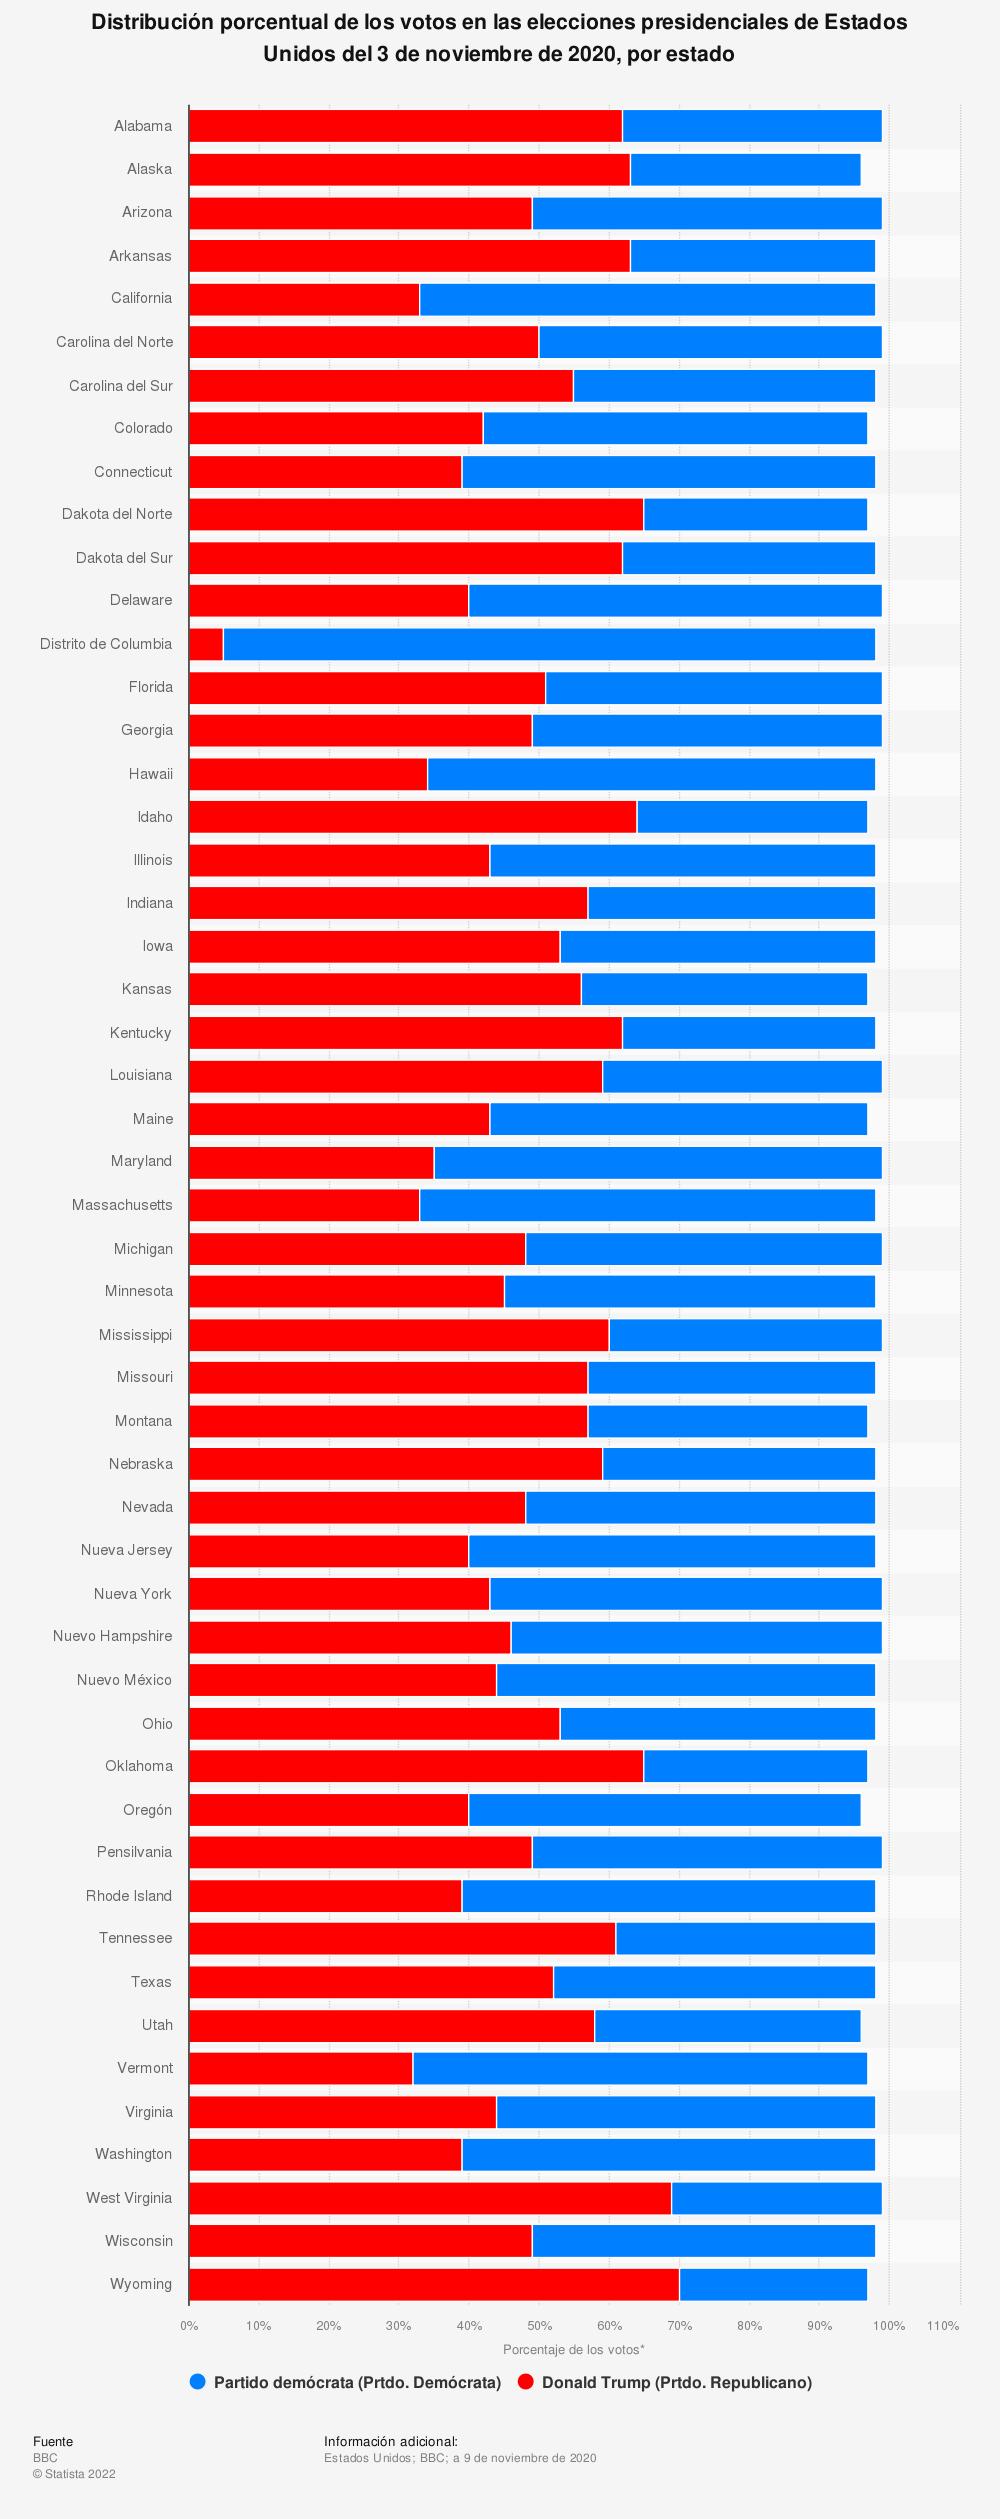 Estadística: Distribución porcentual de los votos en las elecciones presidenciales de Estados Unidos del 3 de noviembre de 2020, por estado | Statista